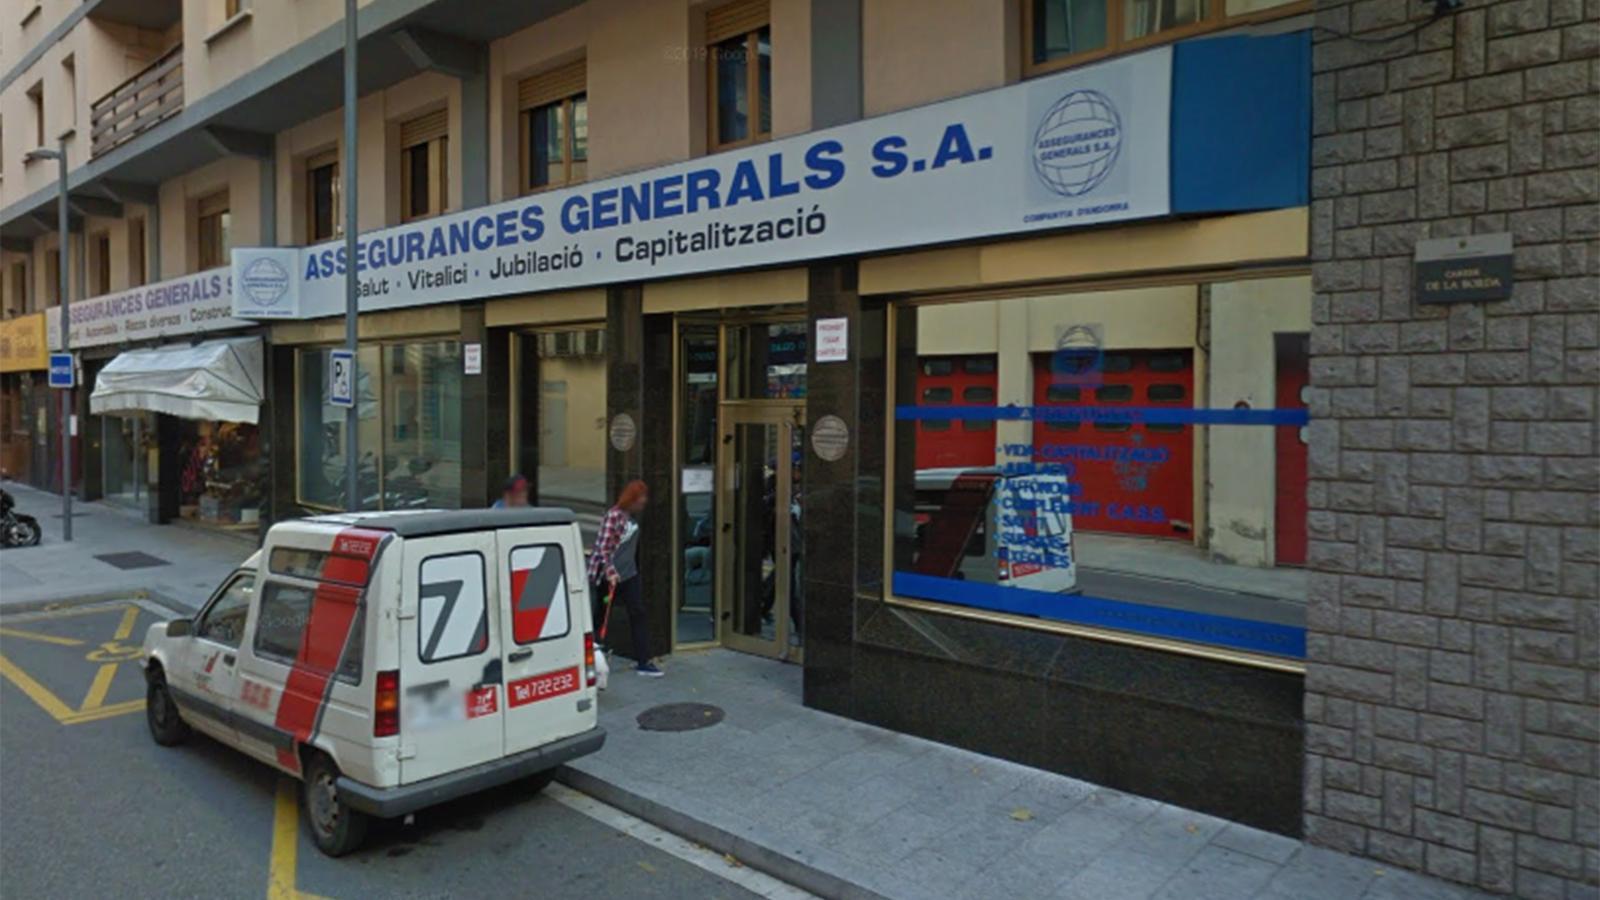 Assegurances Generals. / ARXIU